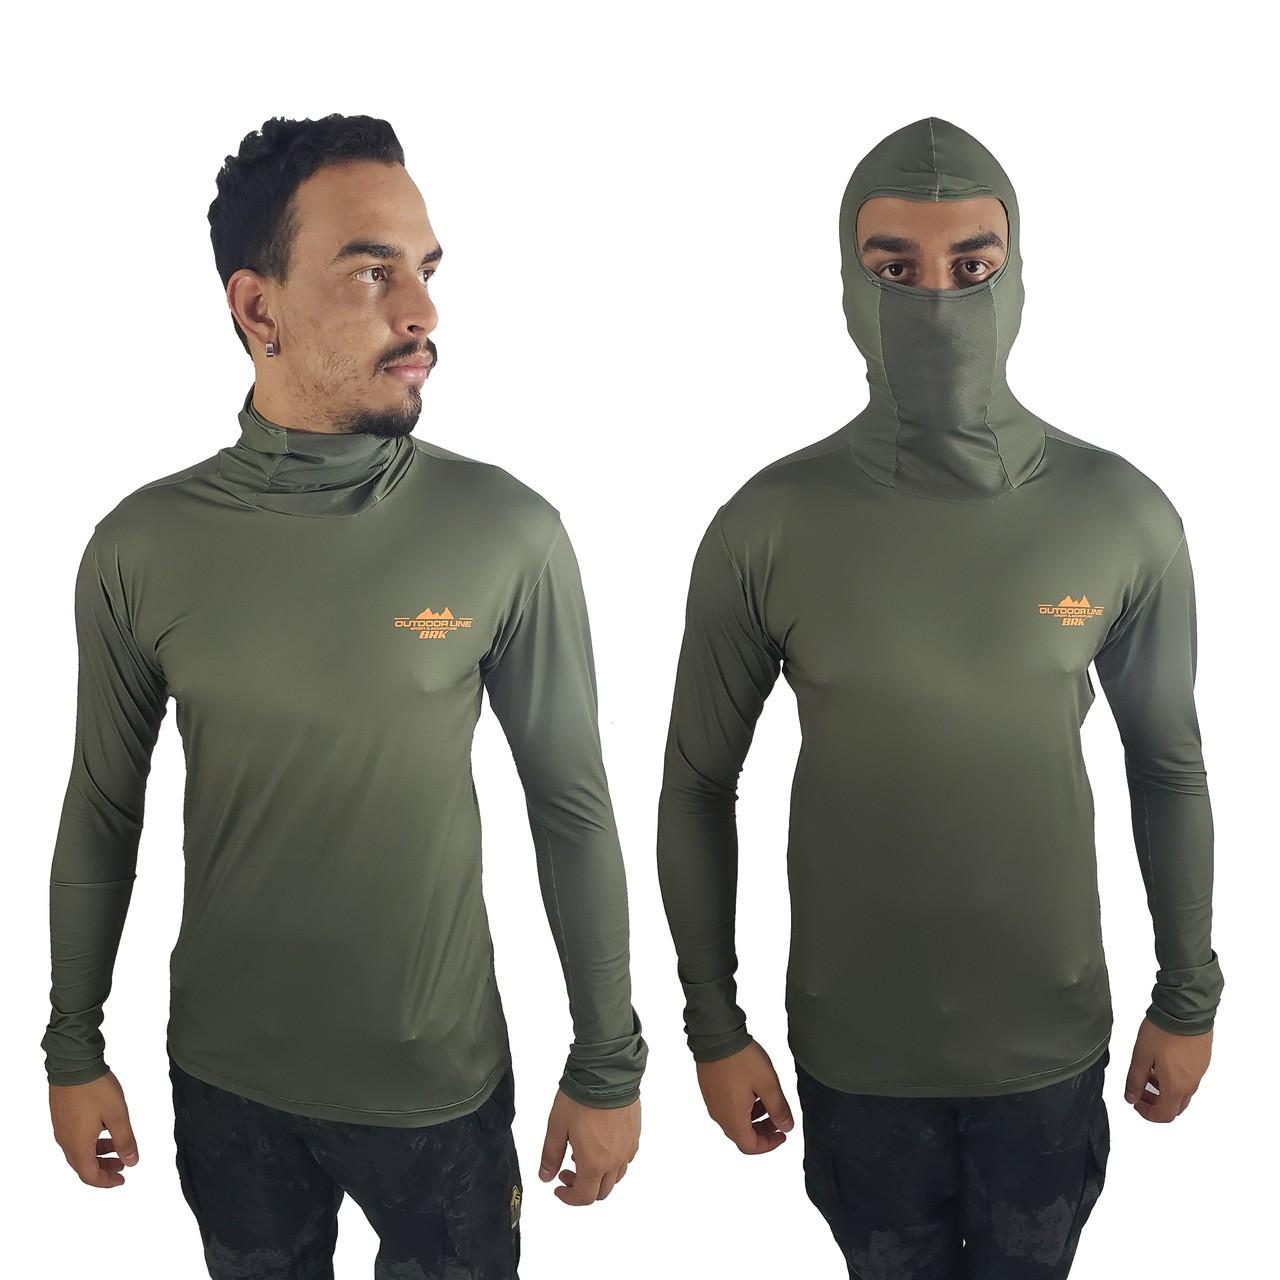 Camisa de Pesca com Capuz Ninja BRK Verde Musgo com fpu50+